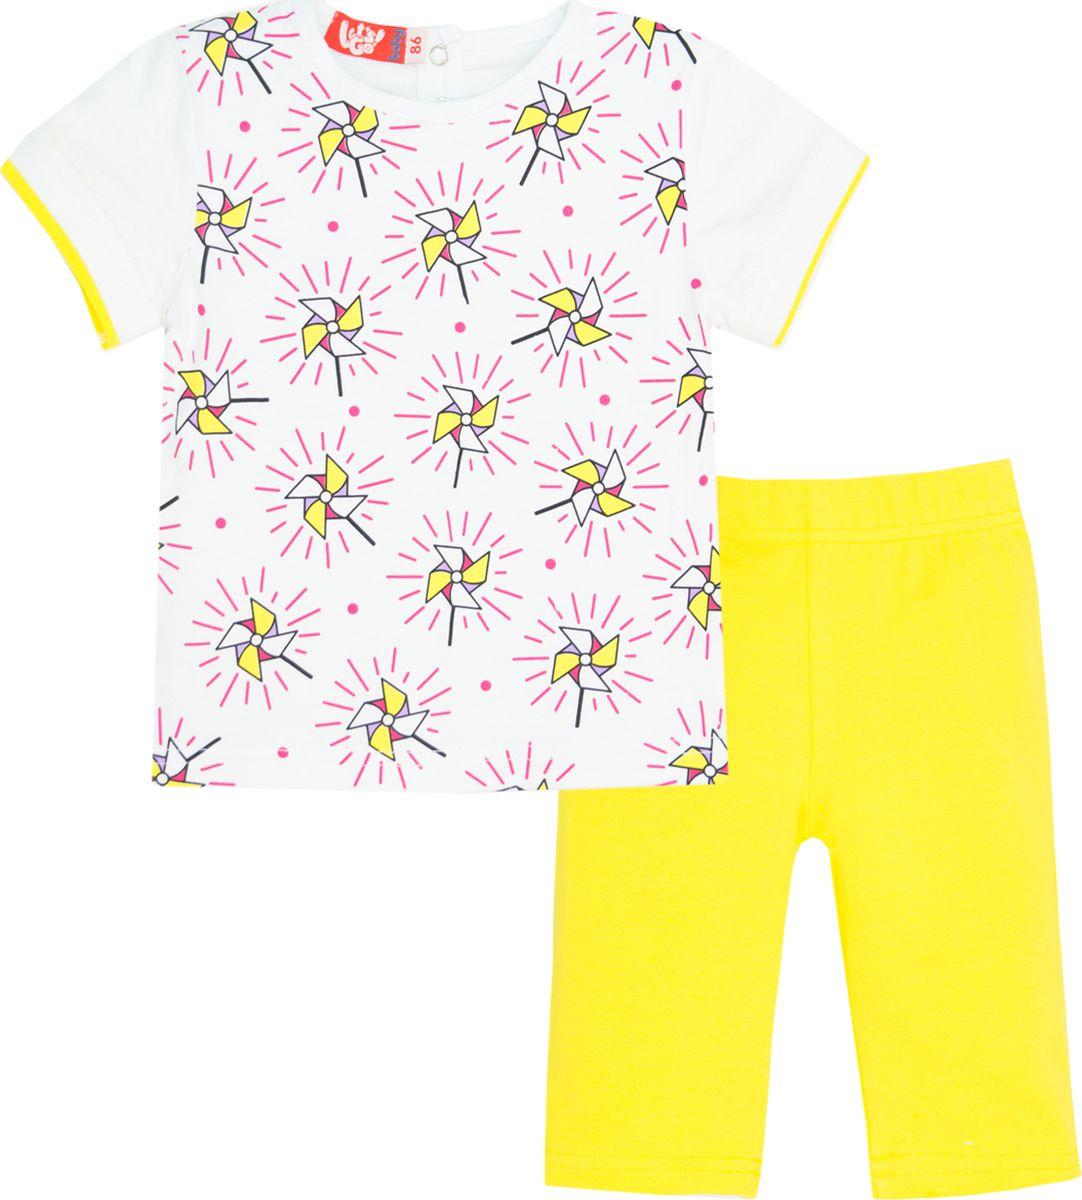 Комплект одежды для девочки Let's Go: футболка, бриджи, цвет: белый, желтый. 4116. Размер 86 комплект одежды для девочки let s go футболка бриджи цвет лиловый фиолетовый 4132 размер 74